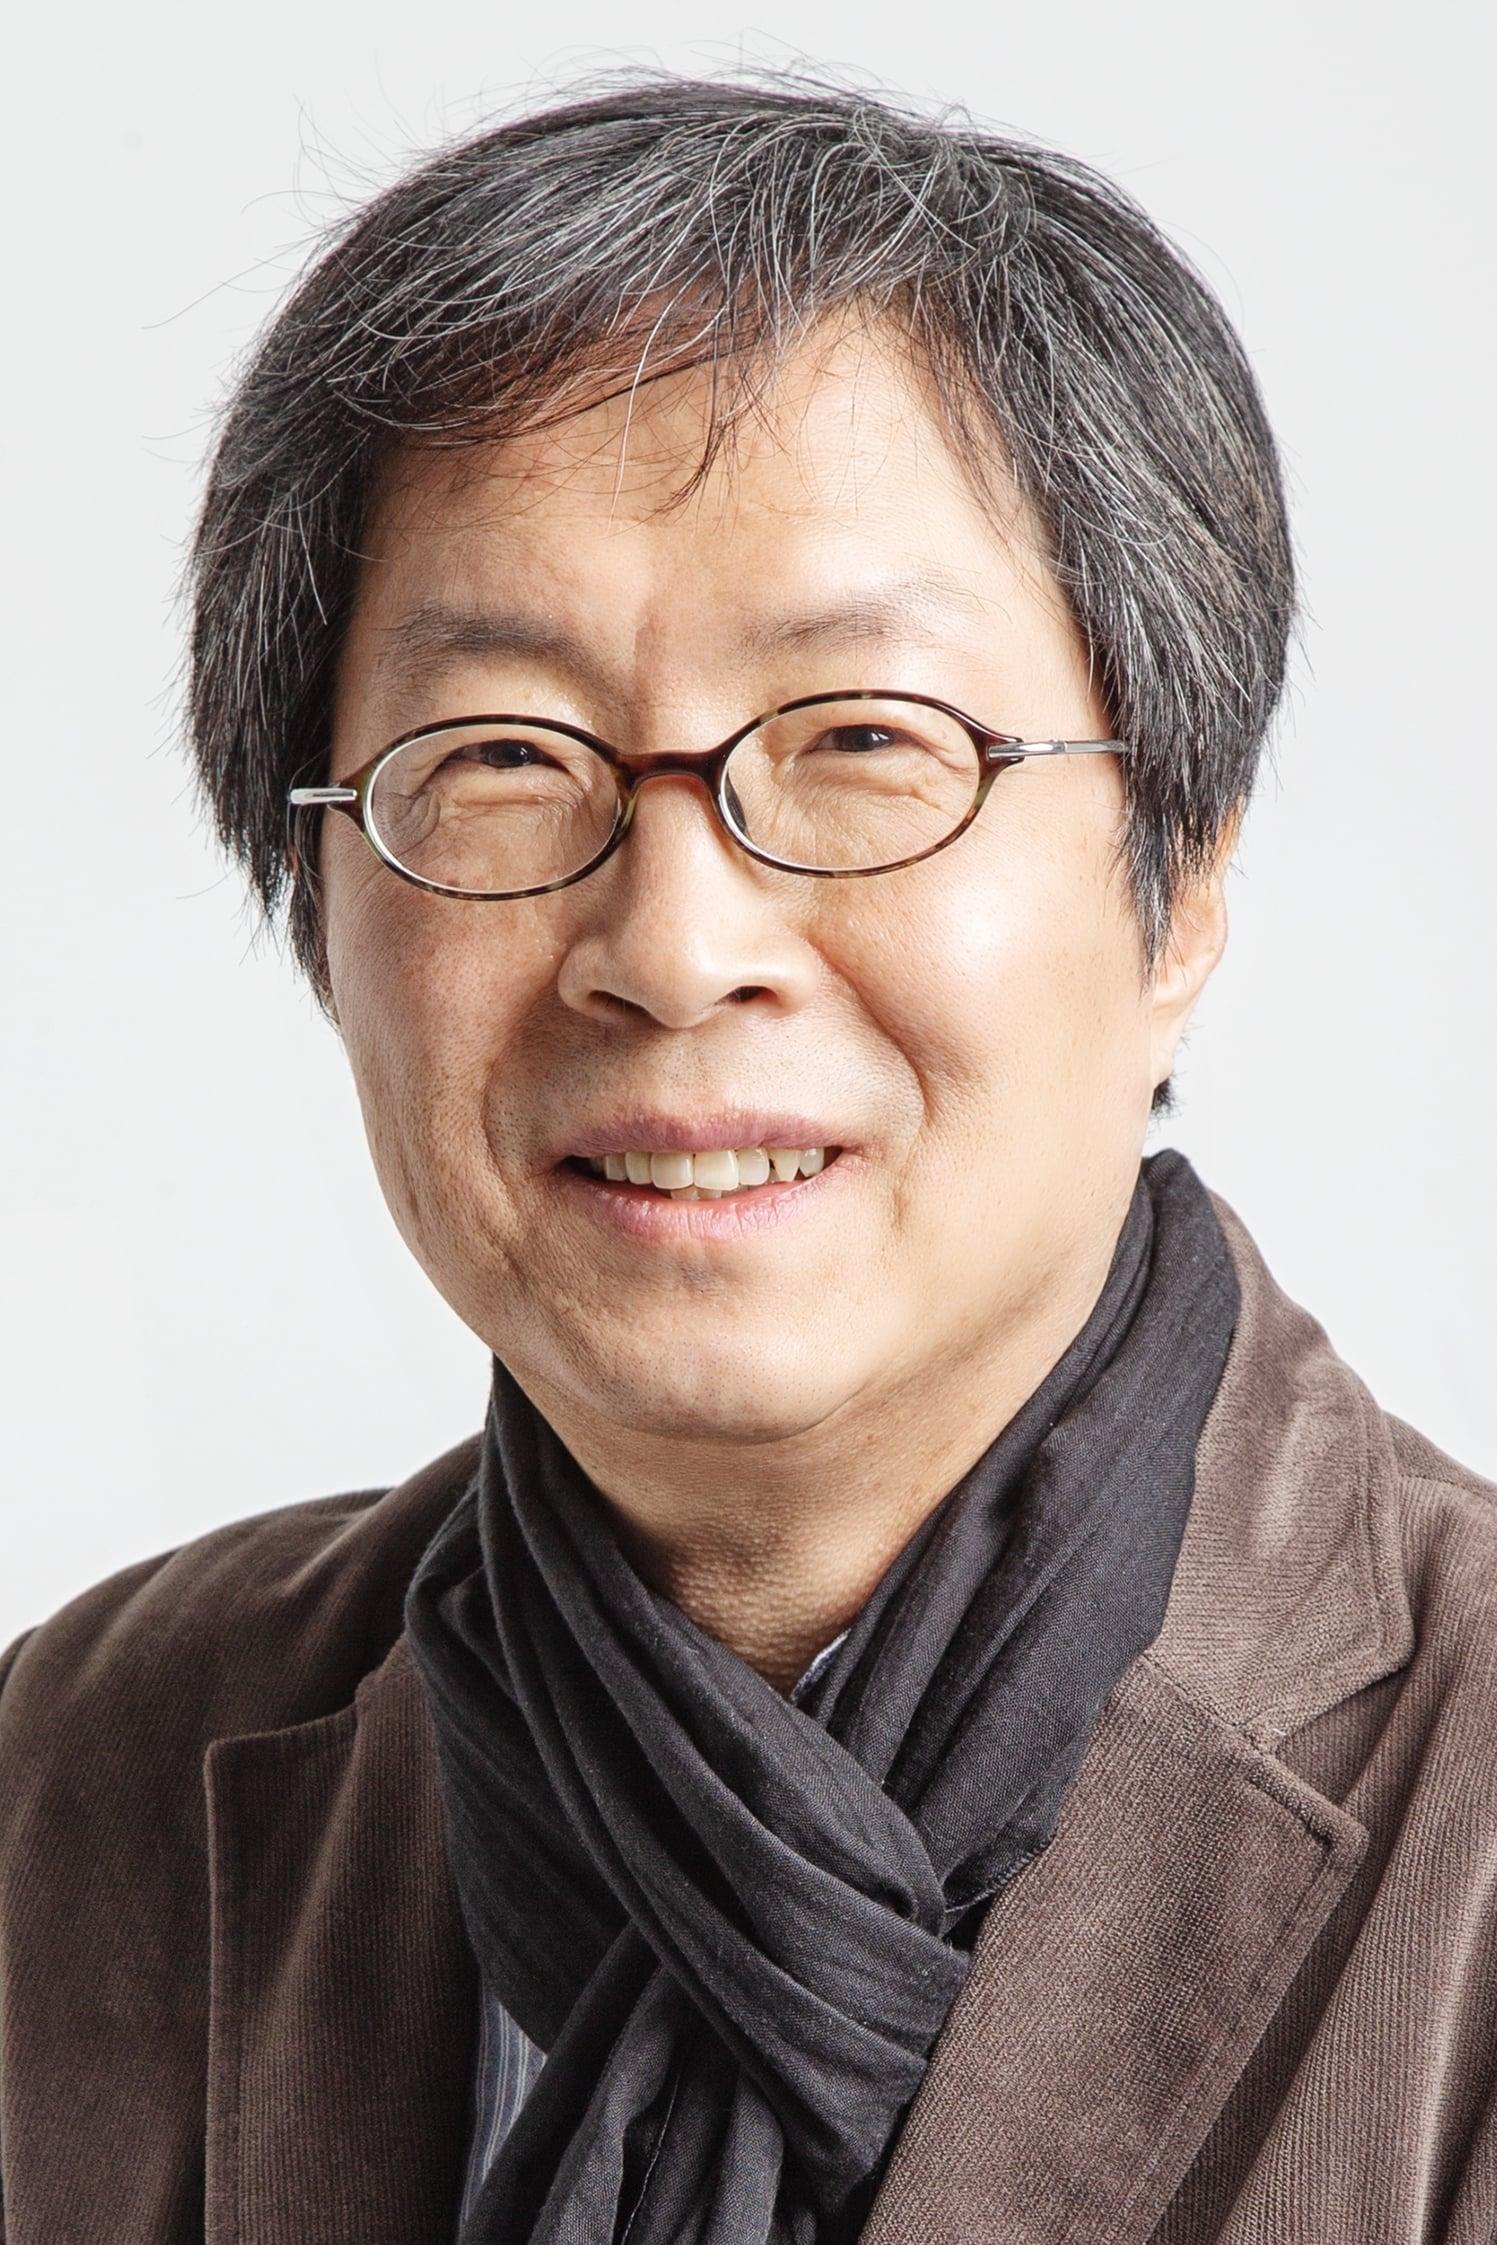 Lee Joon-dong